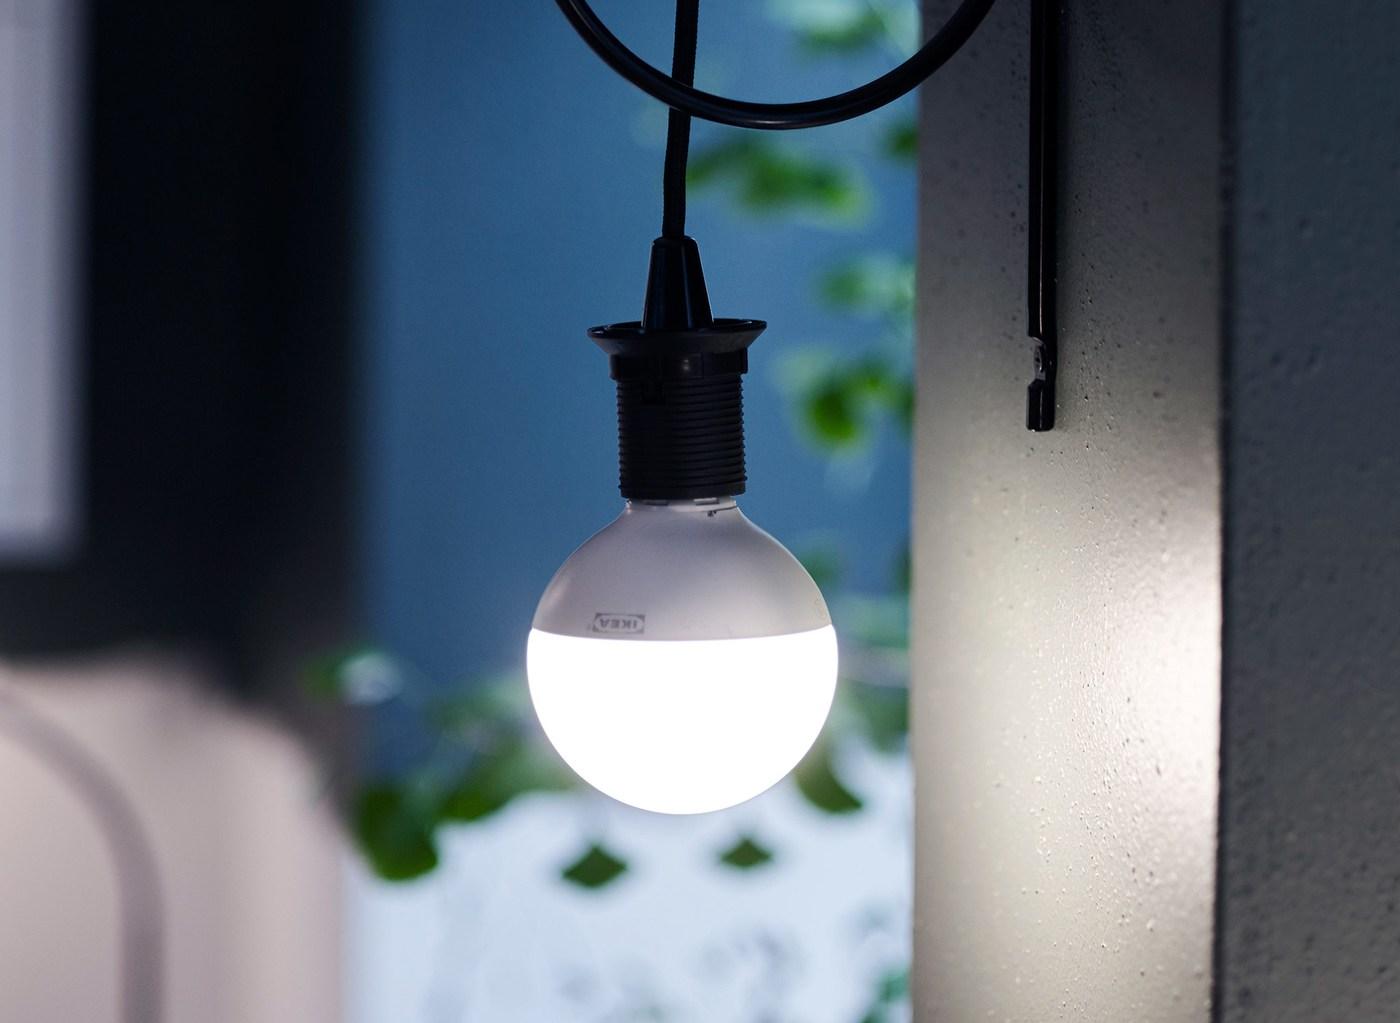 Ampoule LED sphérique suspendue à un cordon noir sur fond de mur bleu foncé.